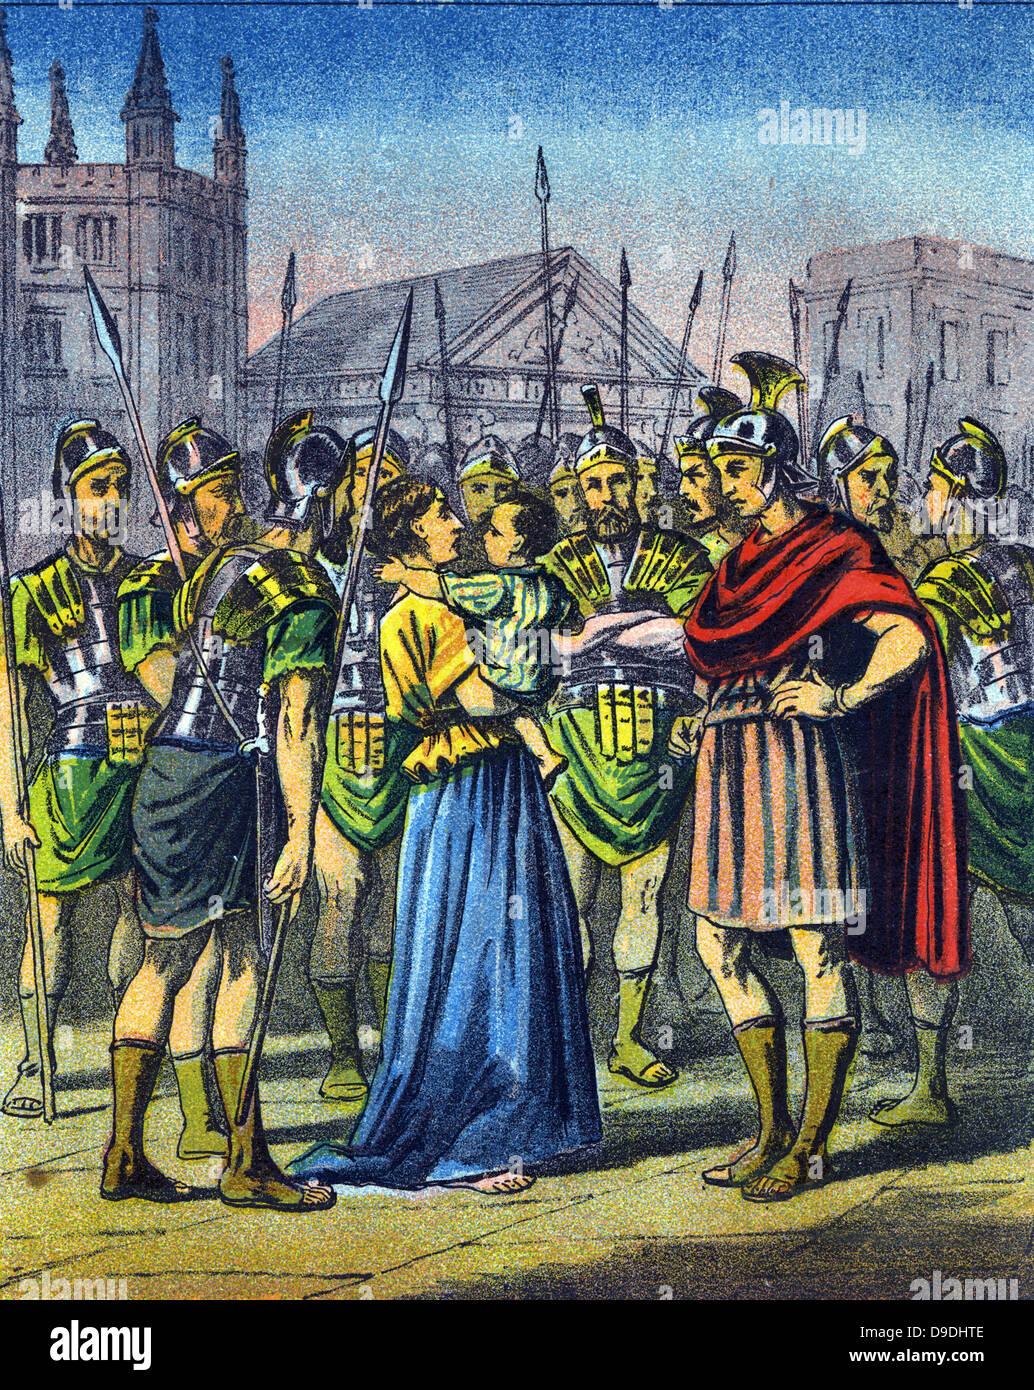 El hostigamiento y la persecución de los cristianos en el Imperio Romano durante el siglo 4. Ilustración Imagen De Stock